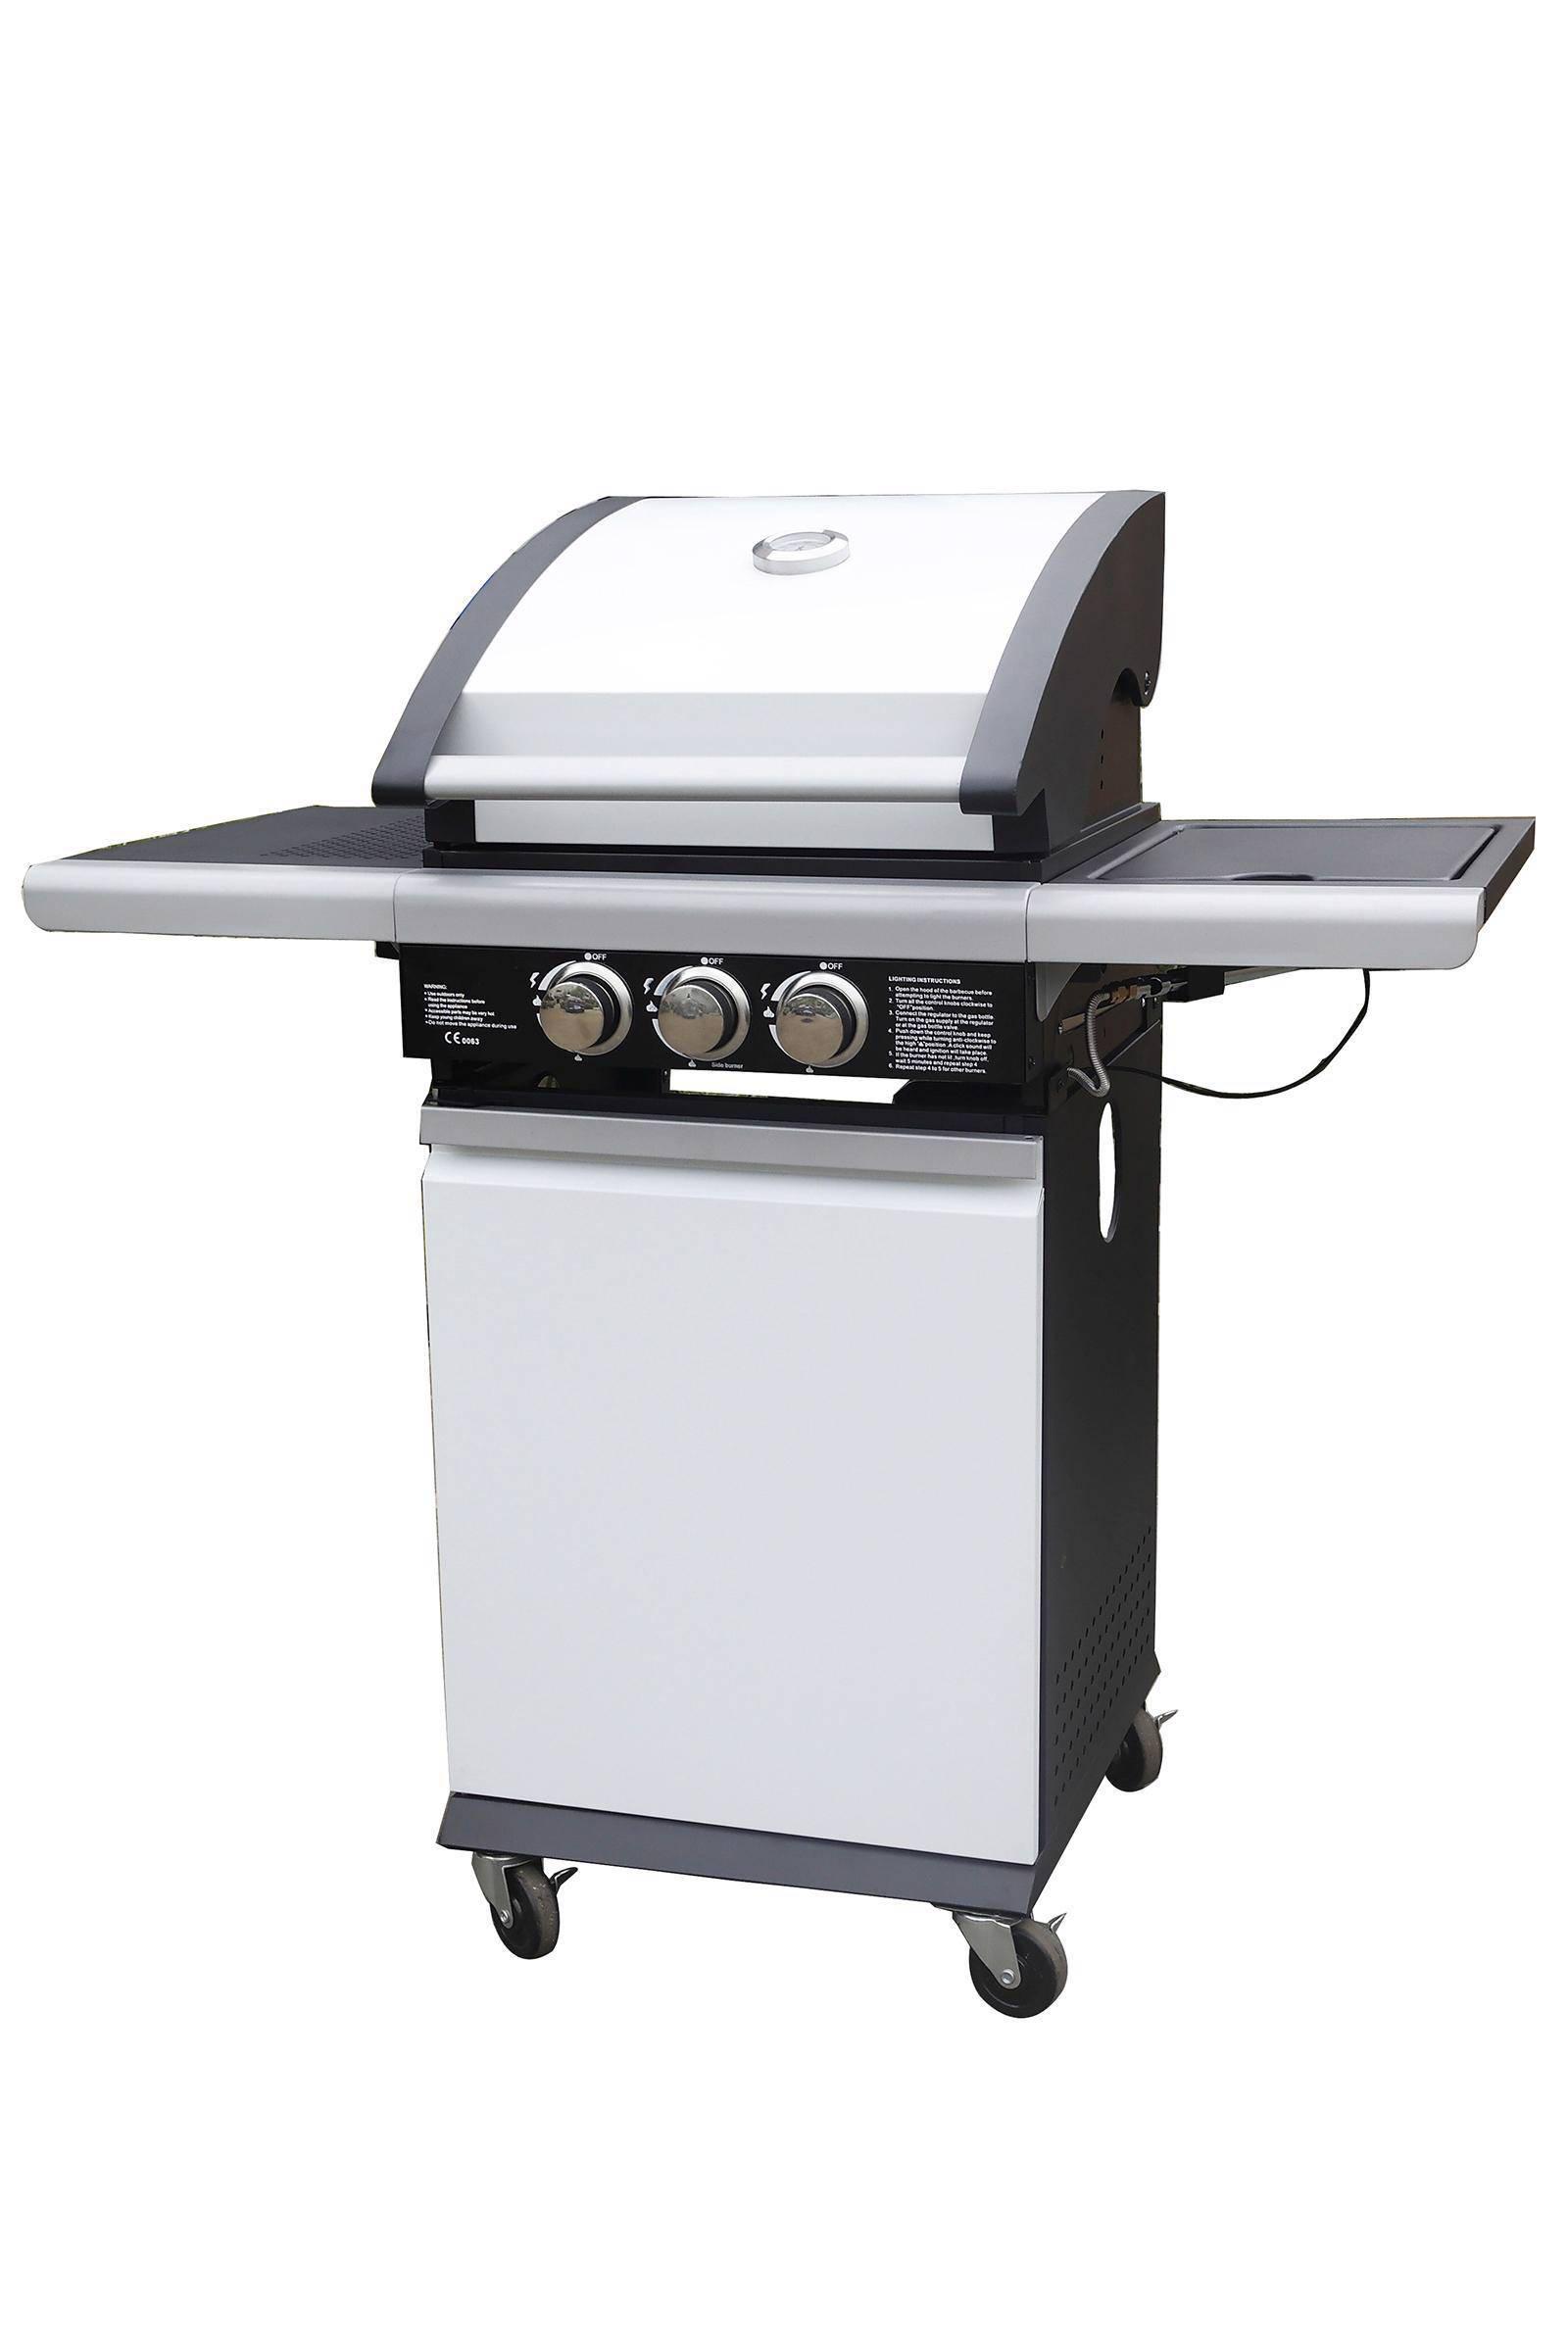 Patton Patio Chef 2+ gasbarbecue